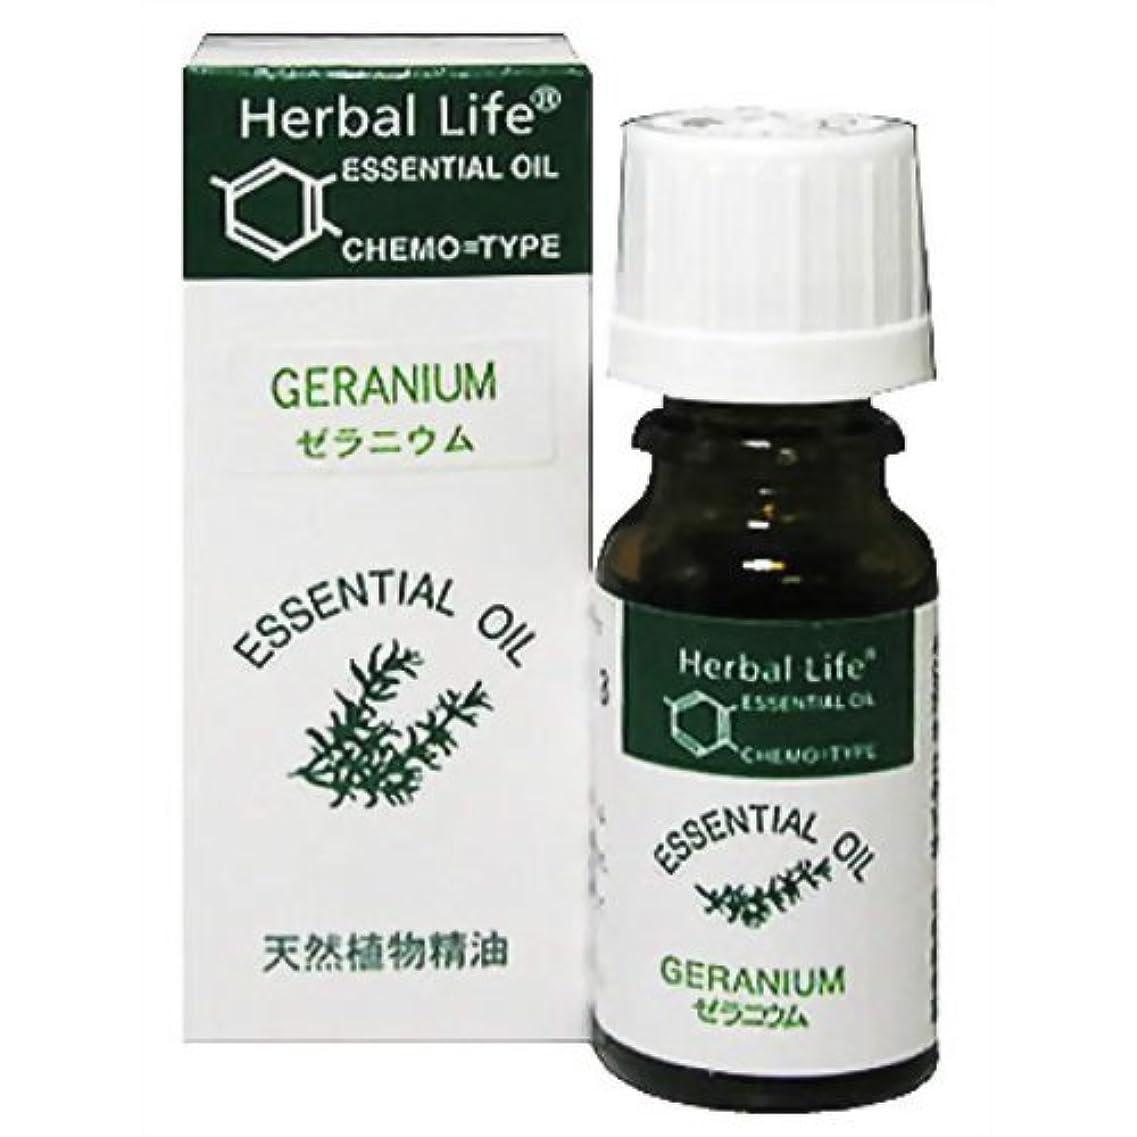 広々とした罪悪感摂氏度Herbal Life ゼラニウム 10ml